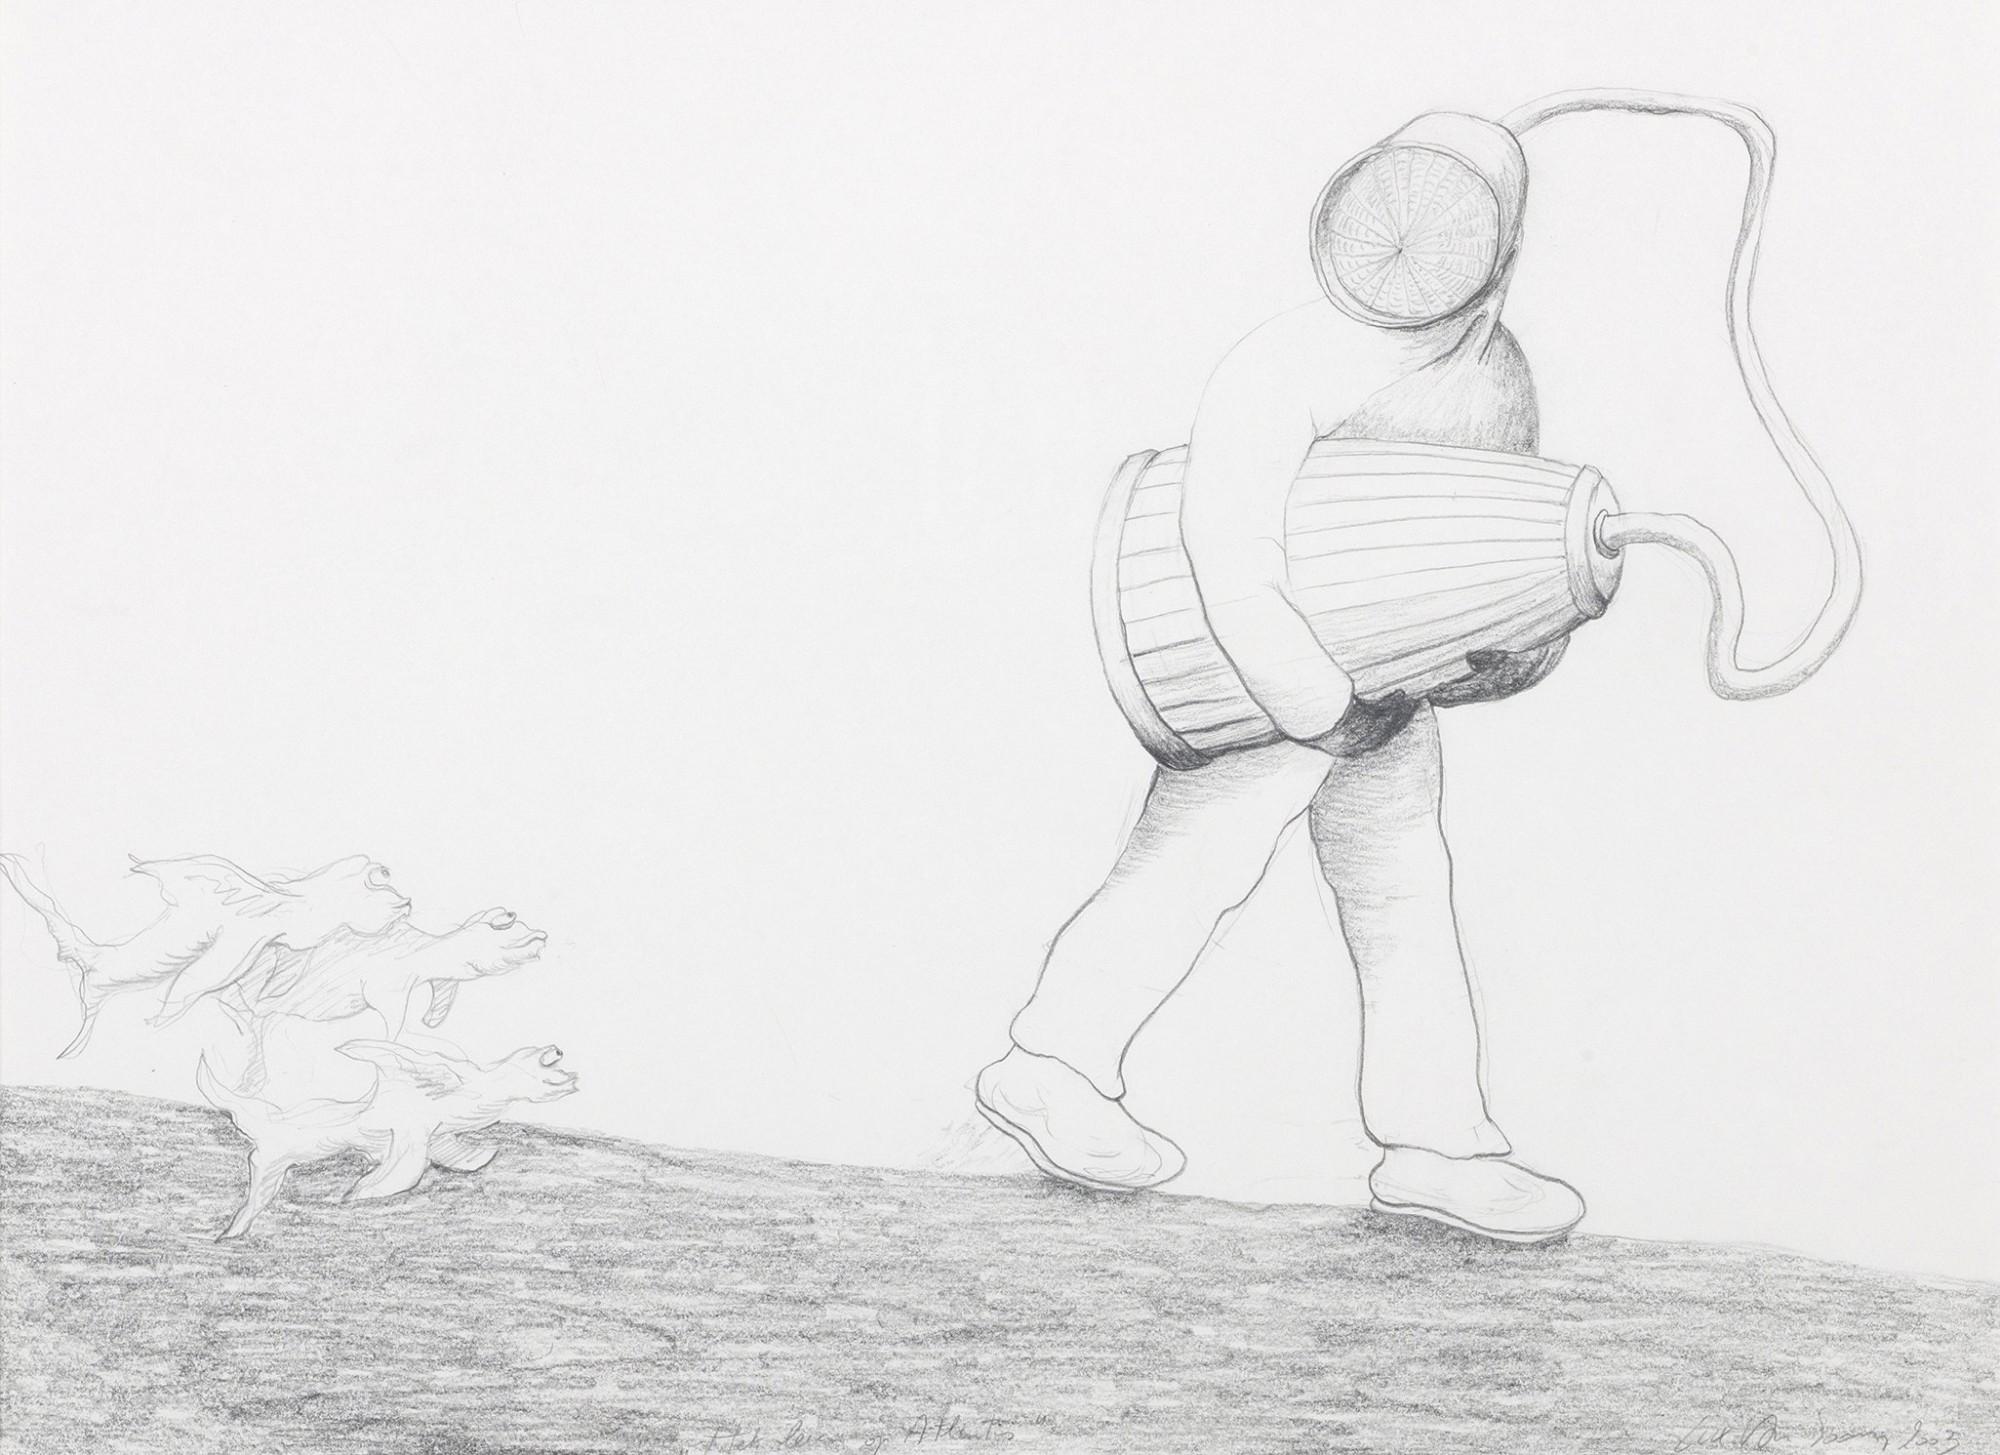 Afbeelding: Reproductie potlood tekeningen, studio fotografie.© Luk Van Soom